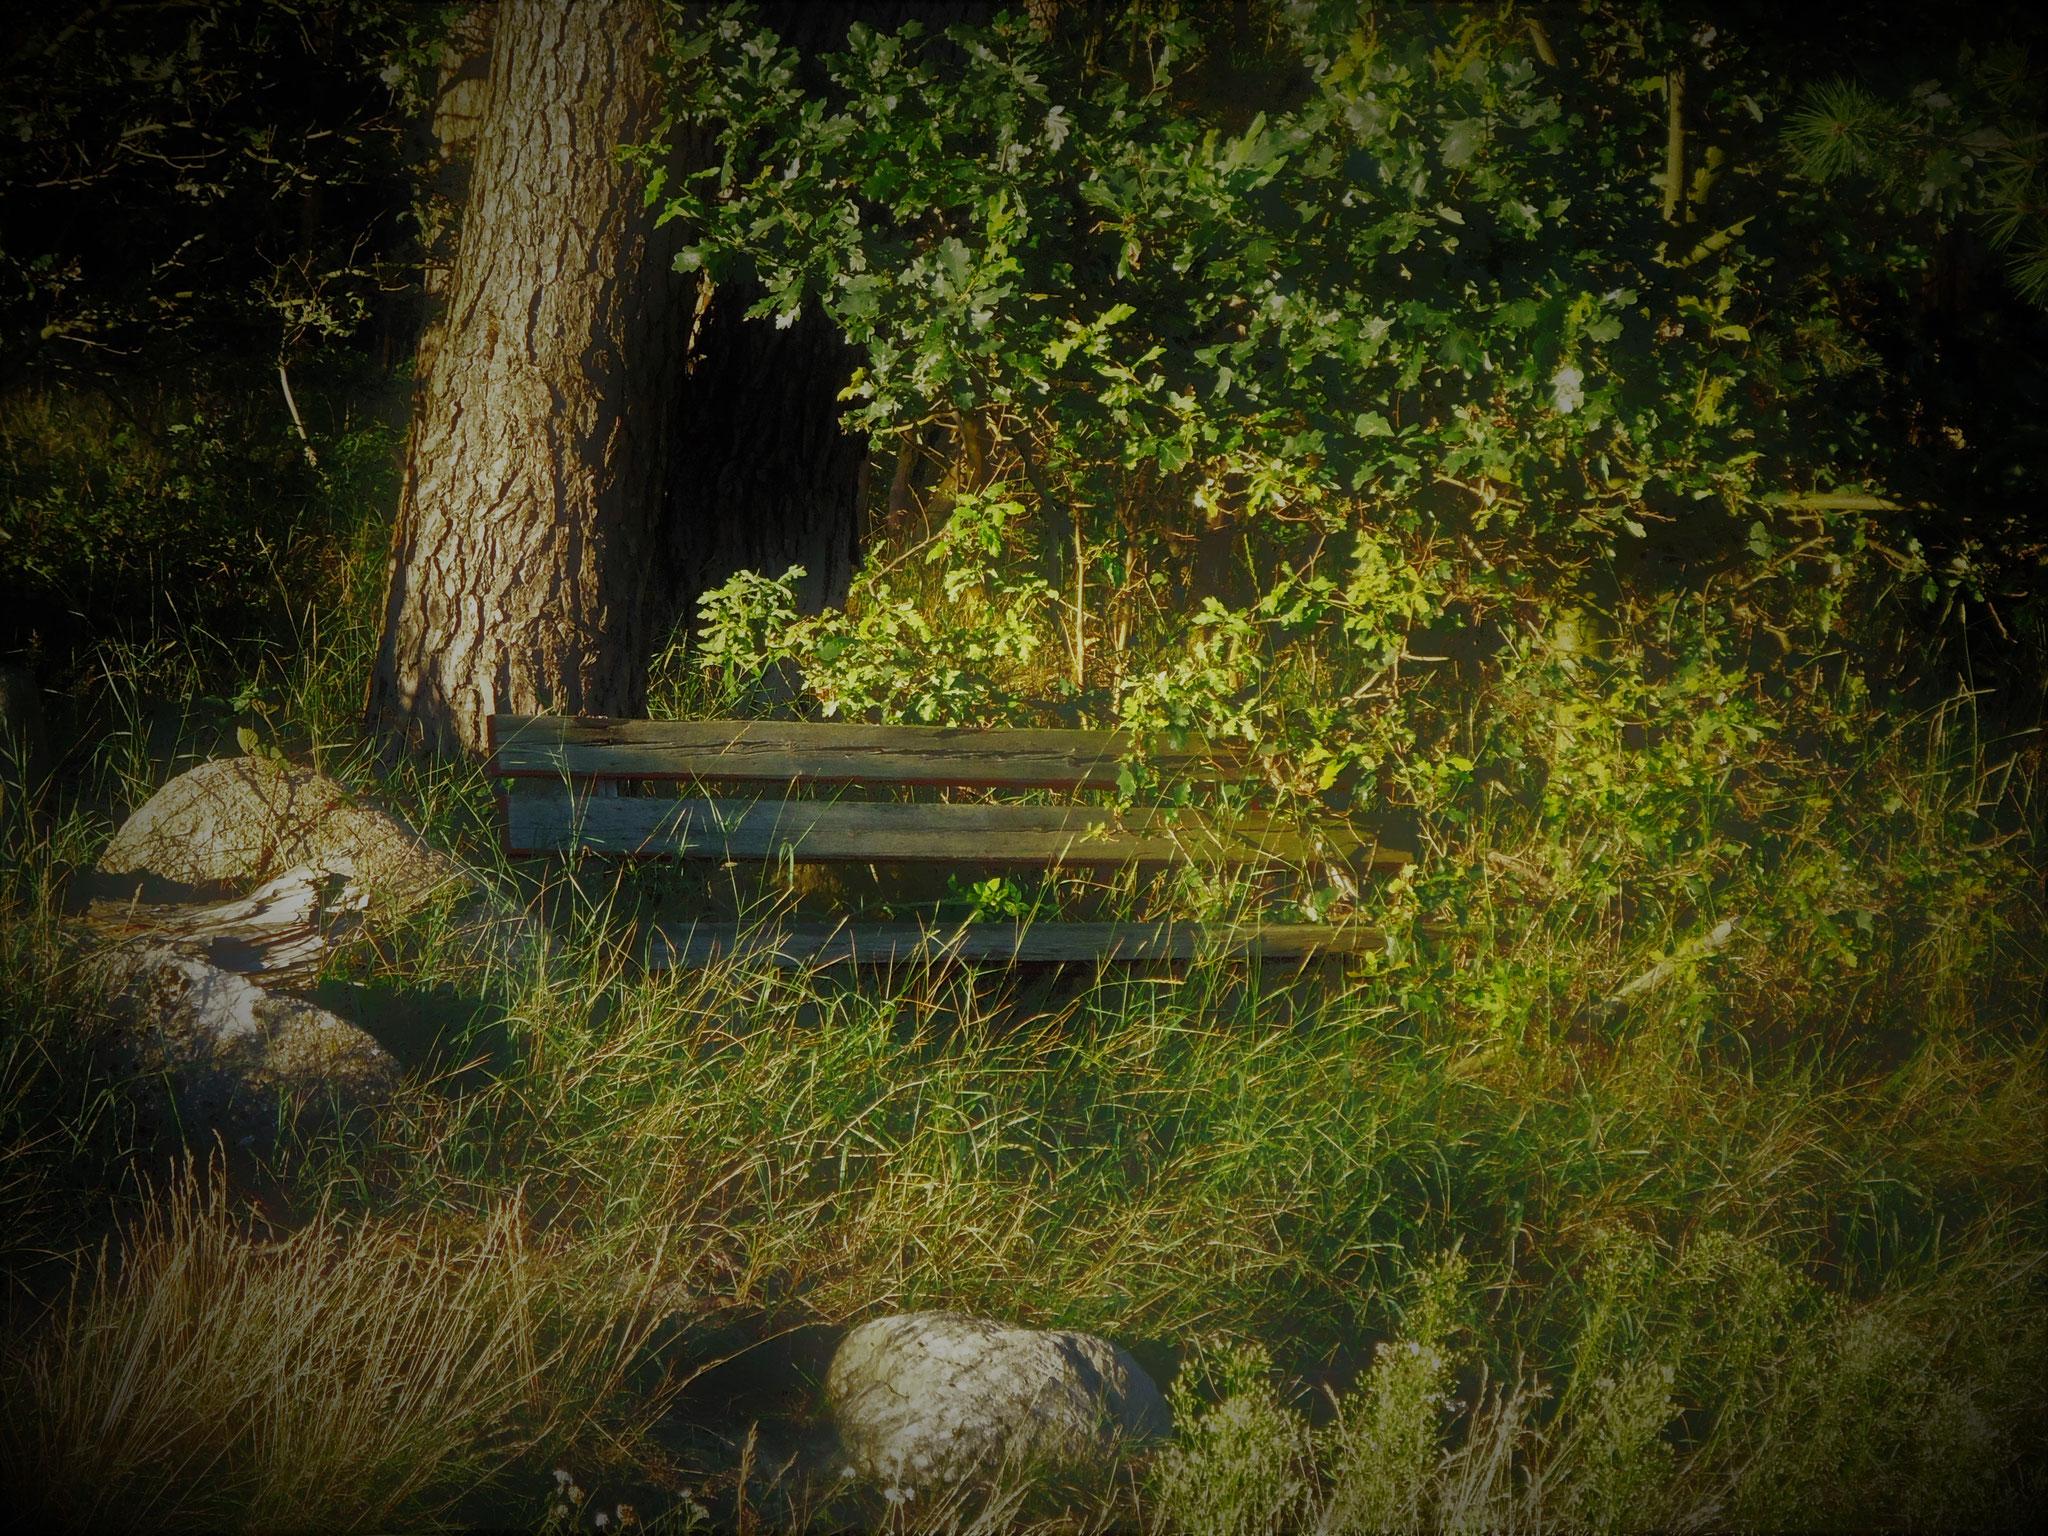 Juni: Ruhe unter einem alten Baum-Bestand.